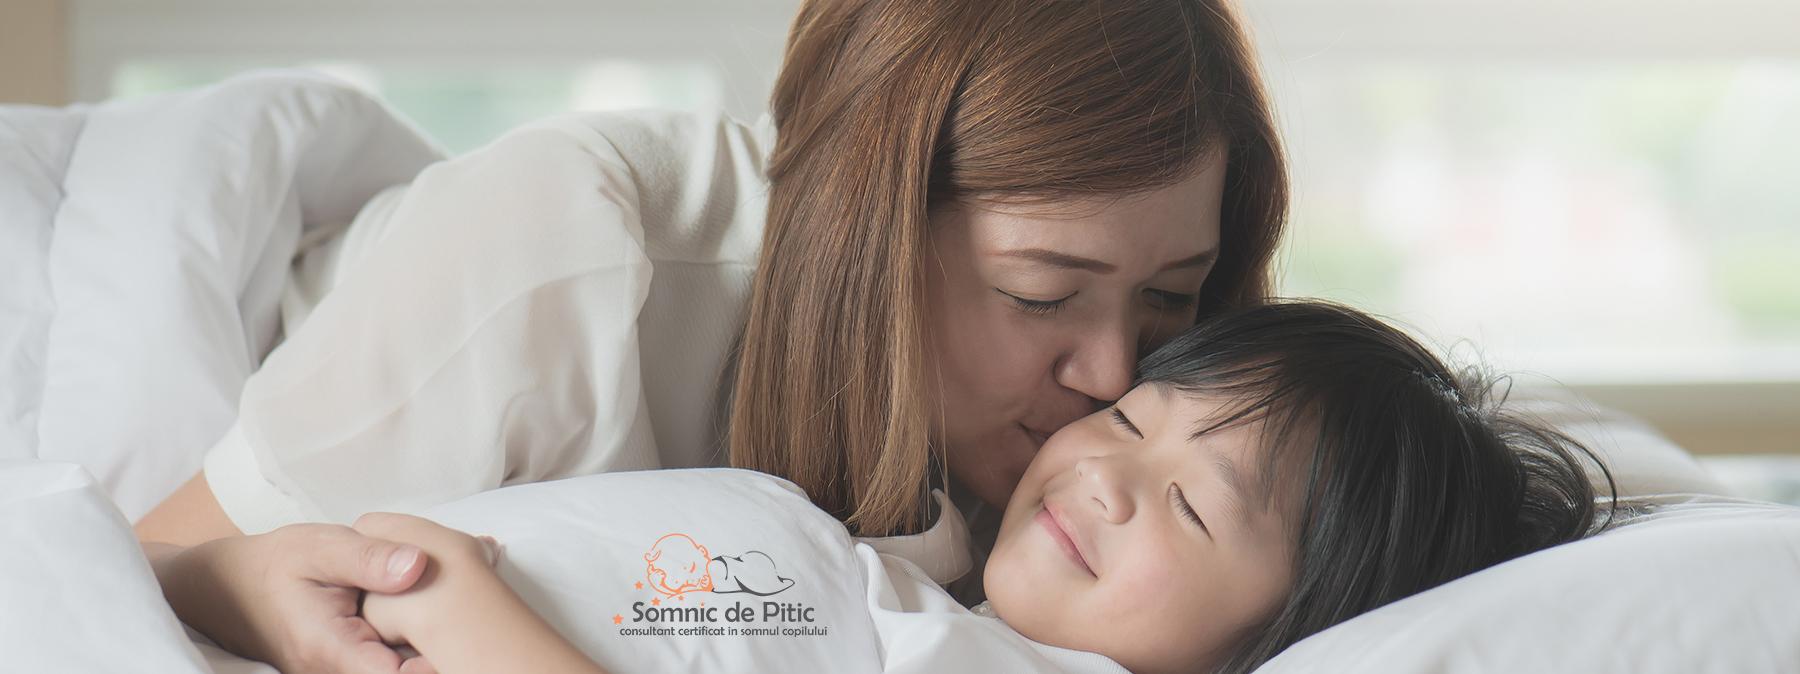 femeie care isis aruta copilul in pat